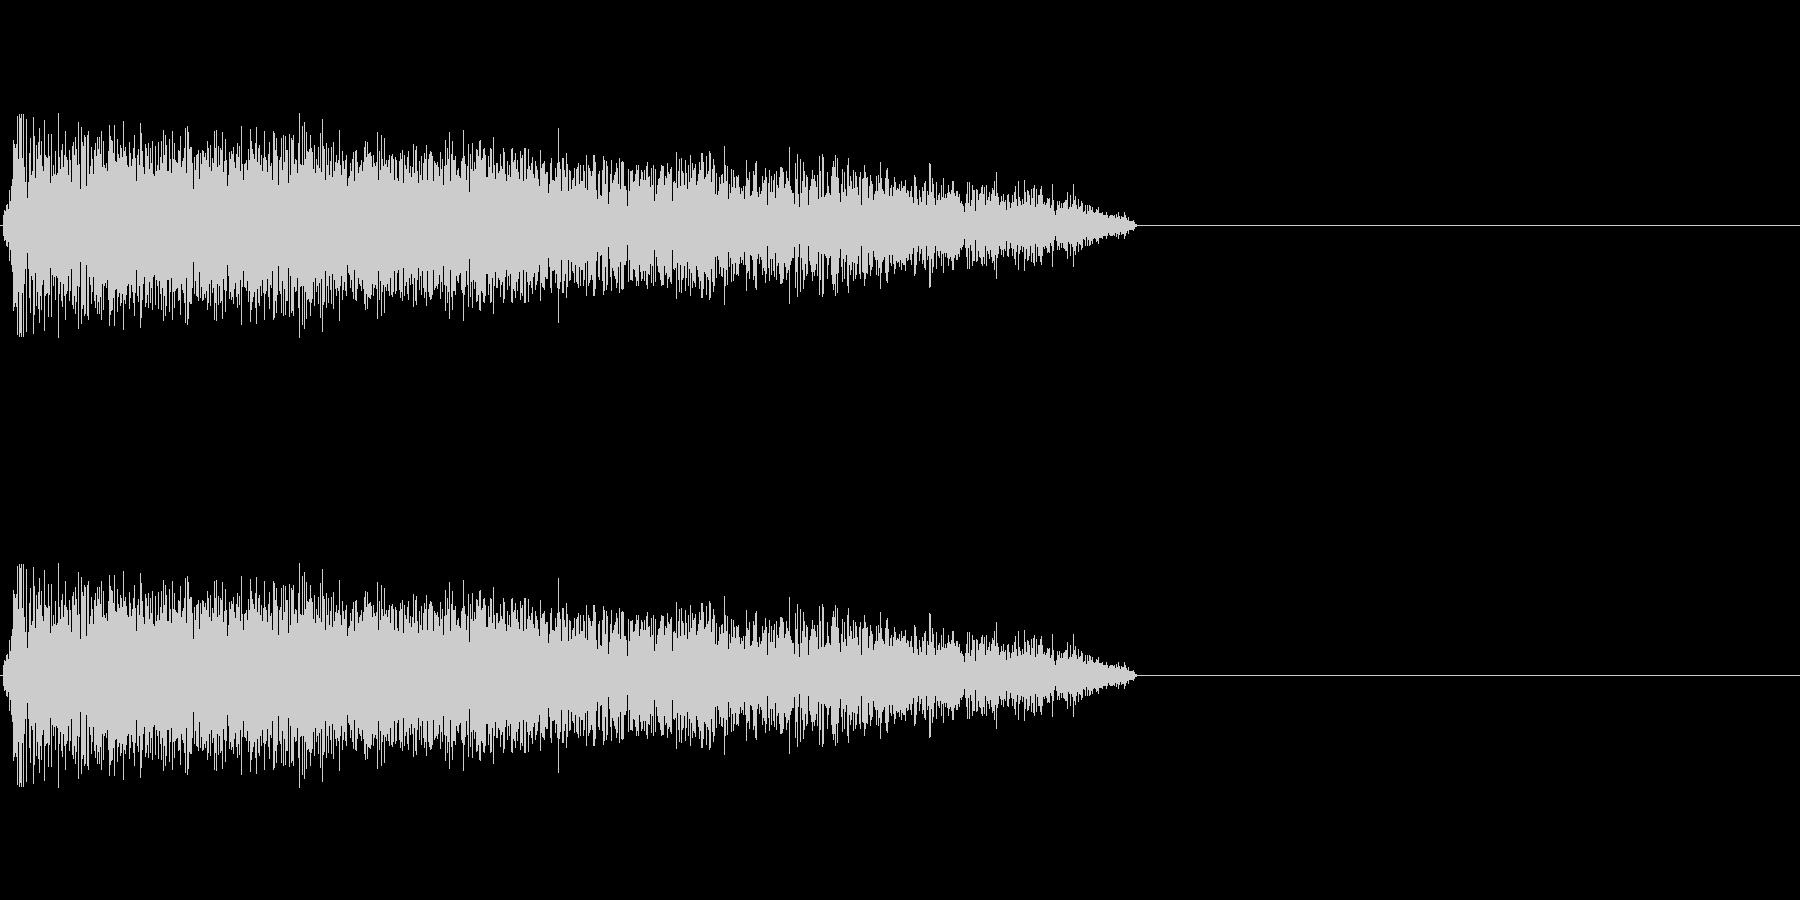 LoFiドラムキット07-シンバル01の未再生の波形